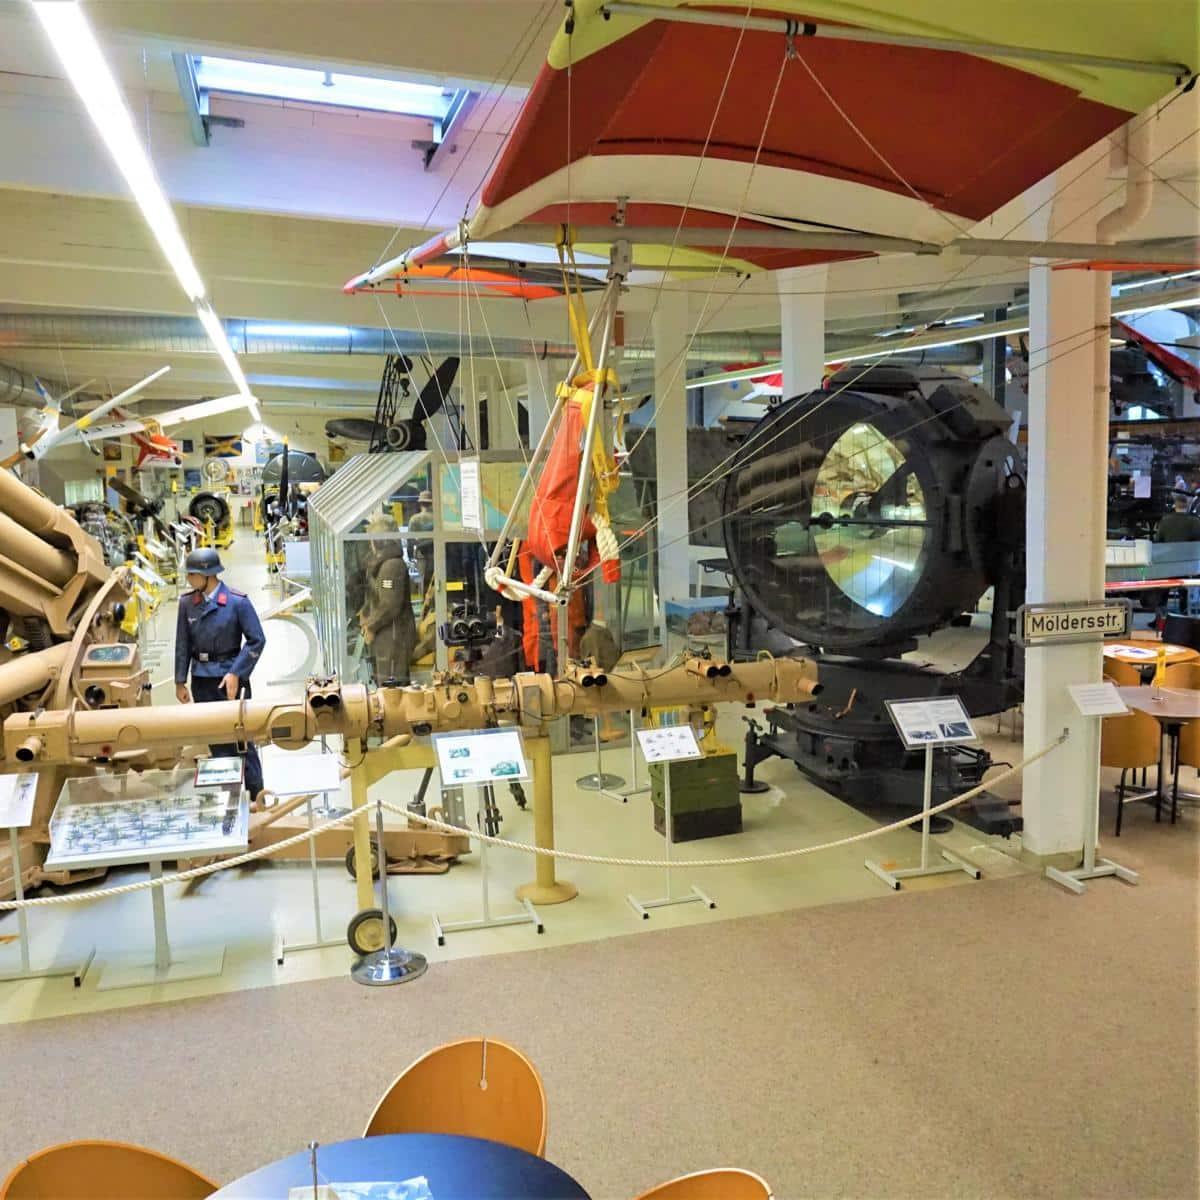 Style Hannover Luftfahrtmuseum Laatzen 2 - Luftfahrtmuseum Laatzen – ein Traum für jeden Luftfahrtinteressierten